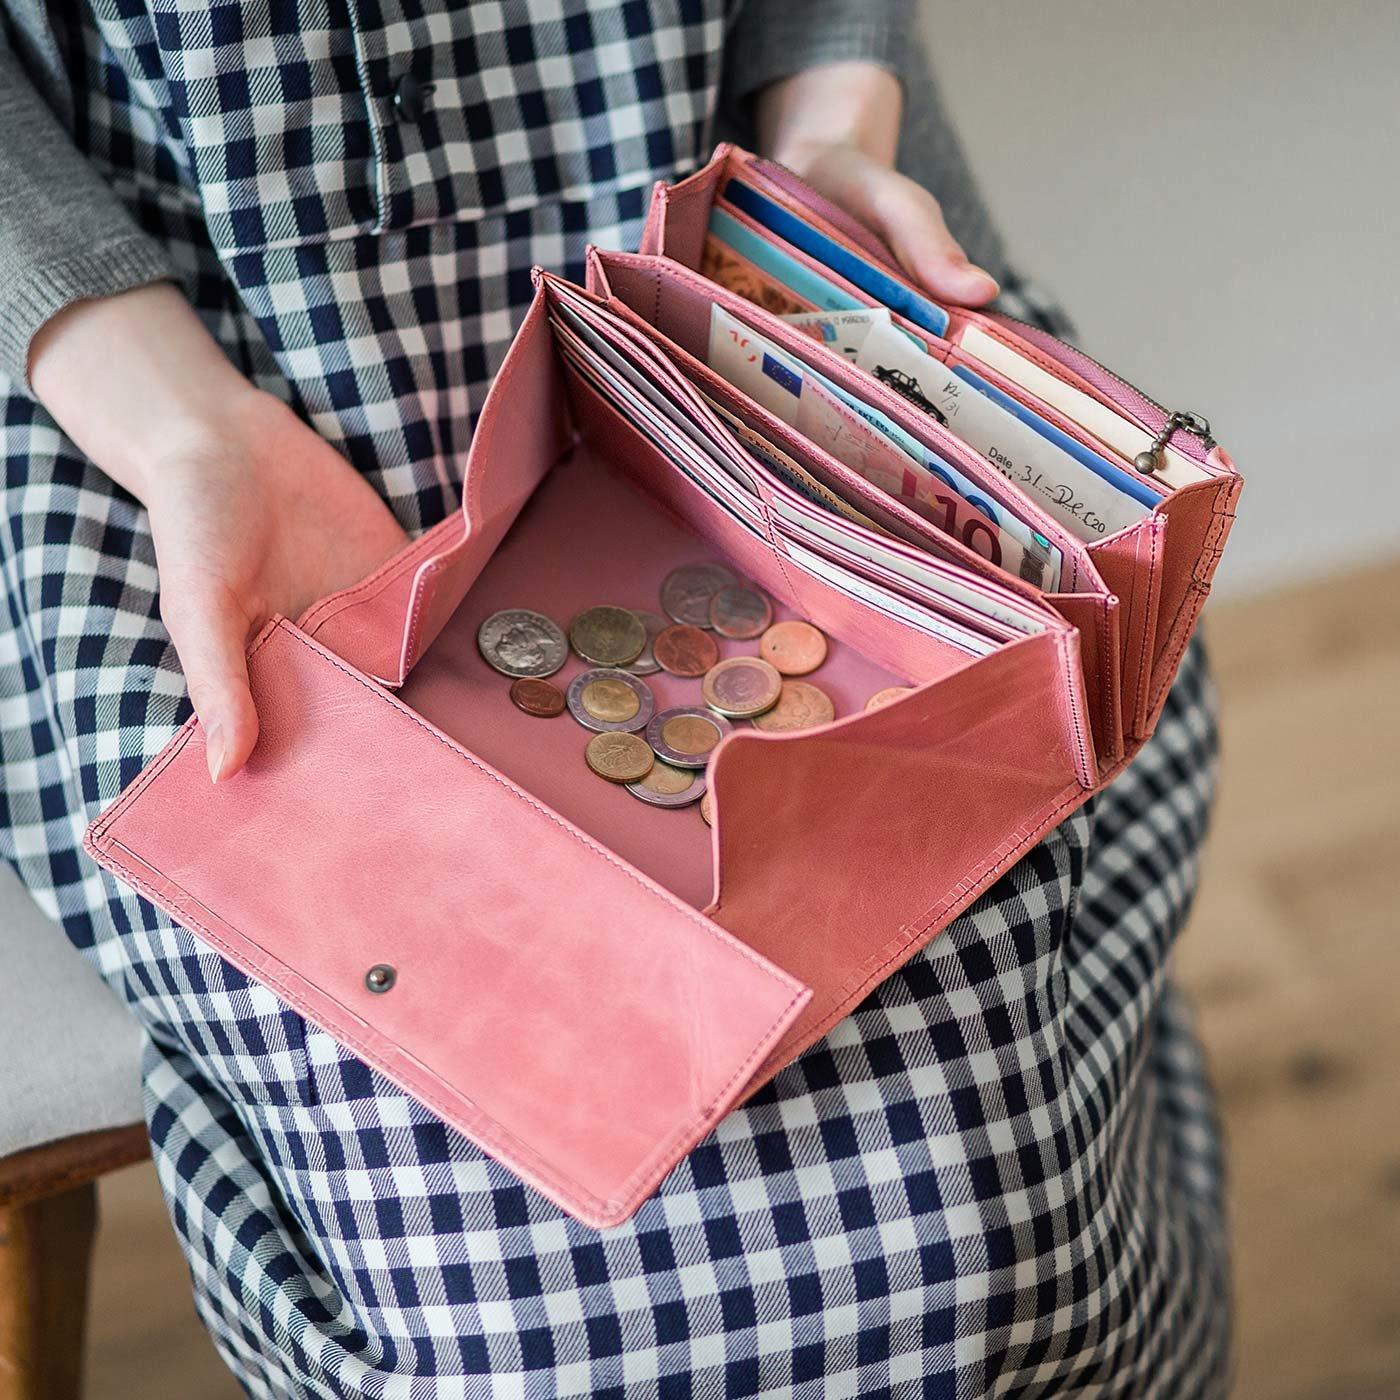 チョコレートバイヤーとコラボ! チョコ型押しで誂(あつら)えた 気配りいっぱい大人長財布〈ストロベリー〉[本革 財布:日本製]